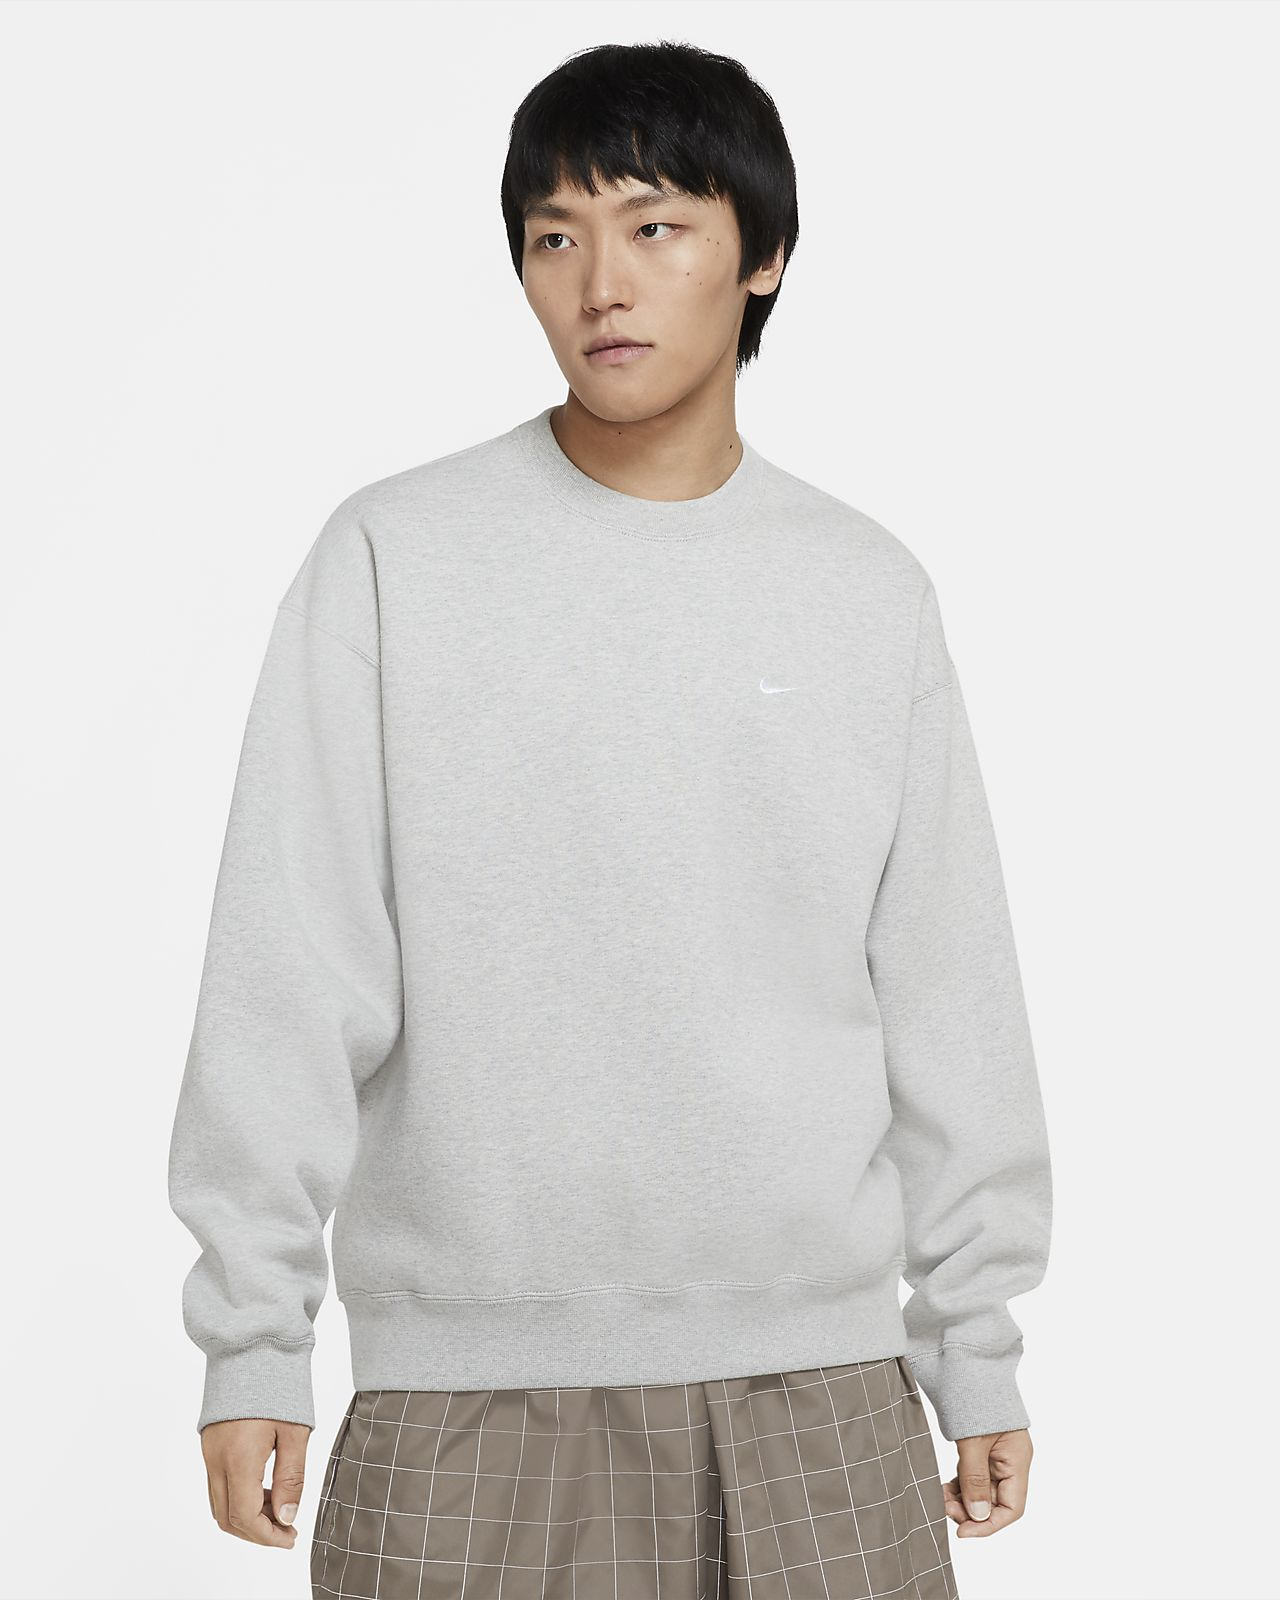 เสื้อคอกลมผ้าฟลีซ NikeLab